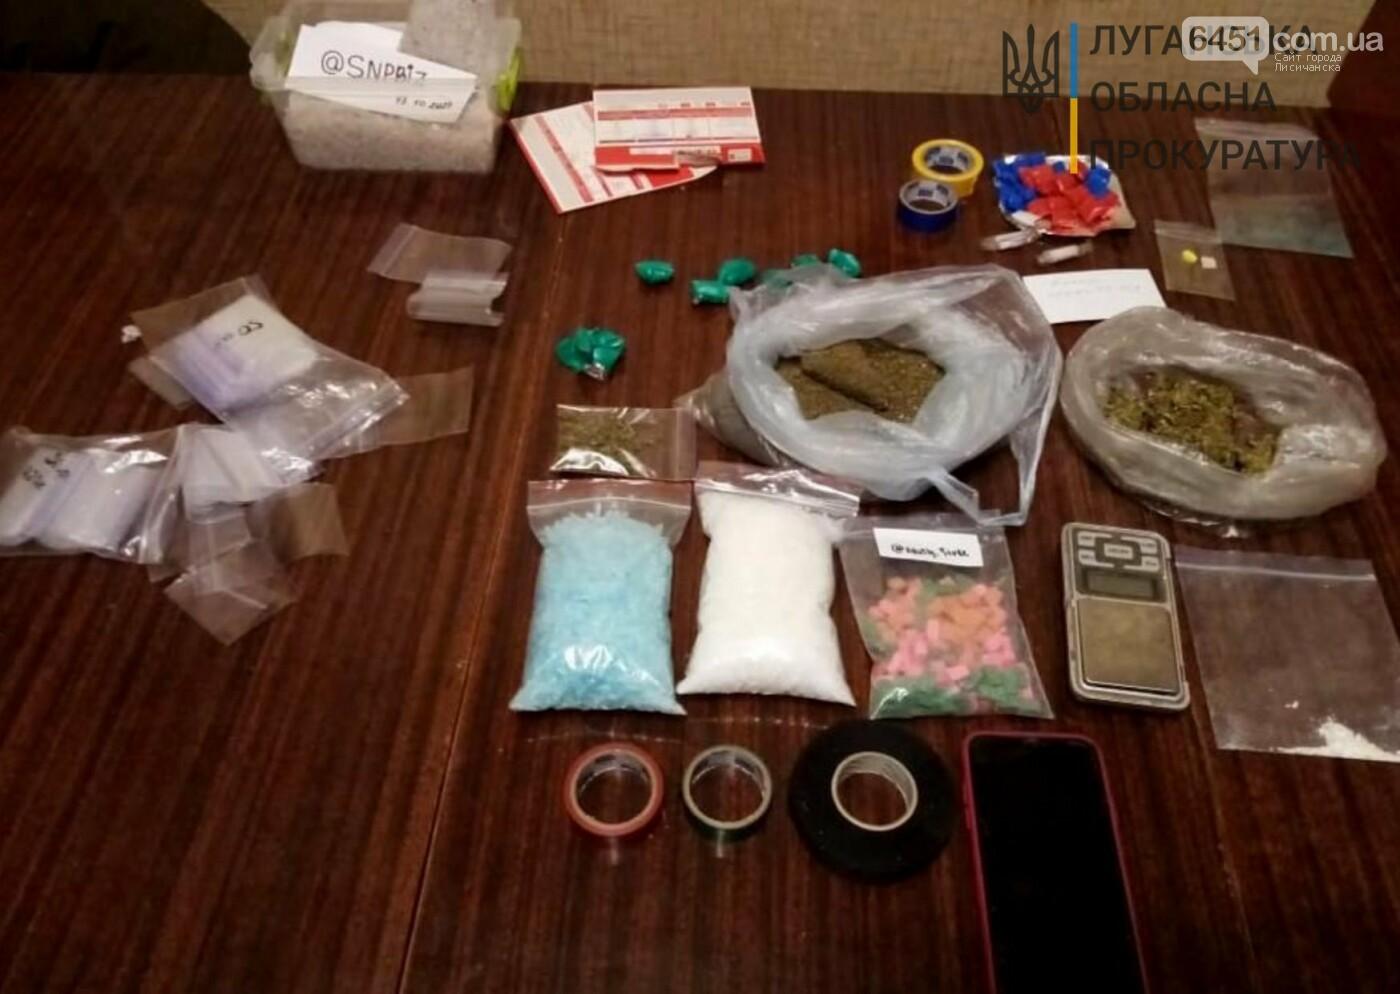 На Луганщине задержали торговца психотропными веществами, фото-1, Нацполиция Луганской области